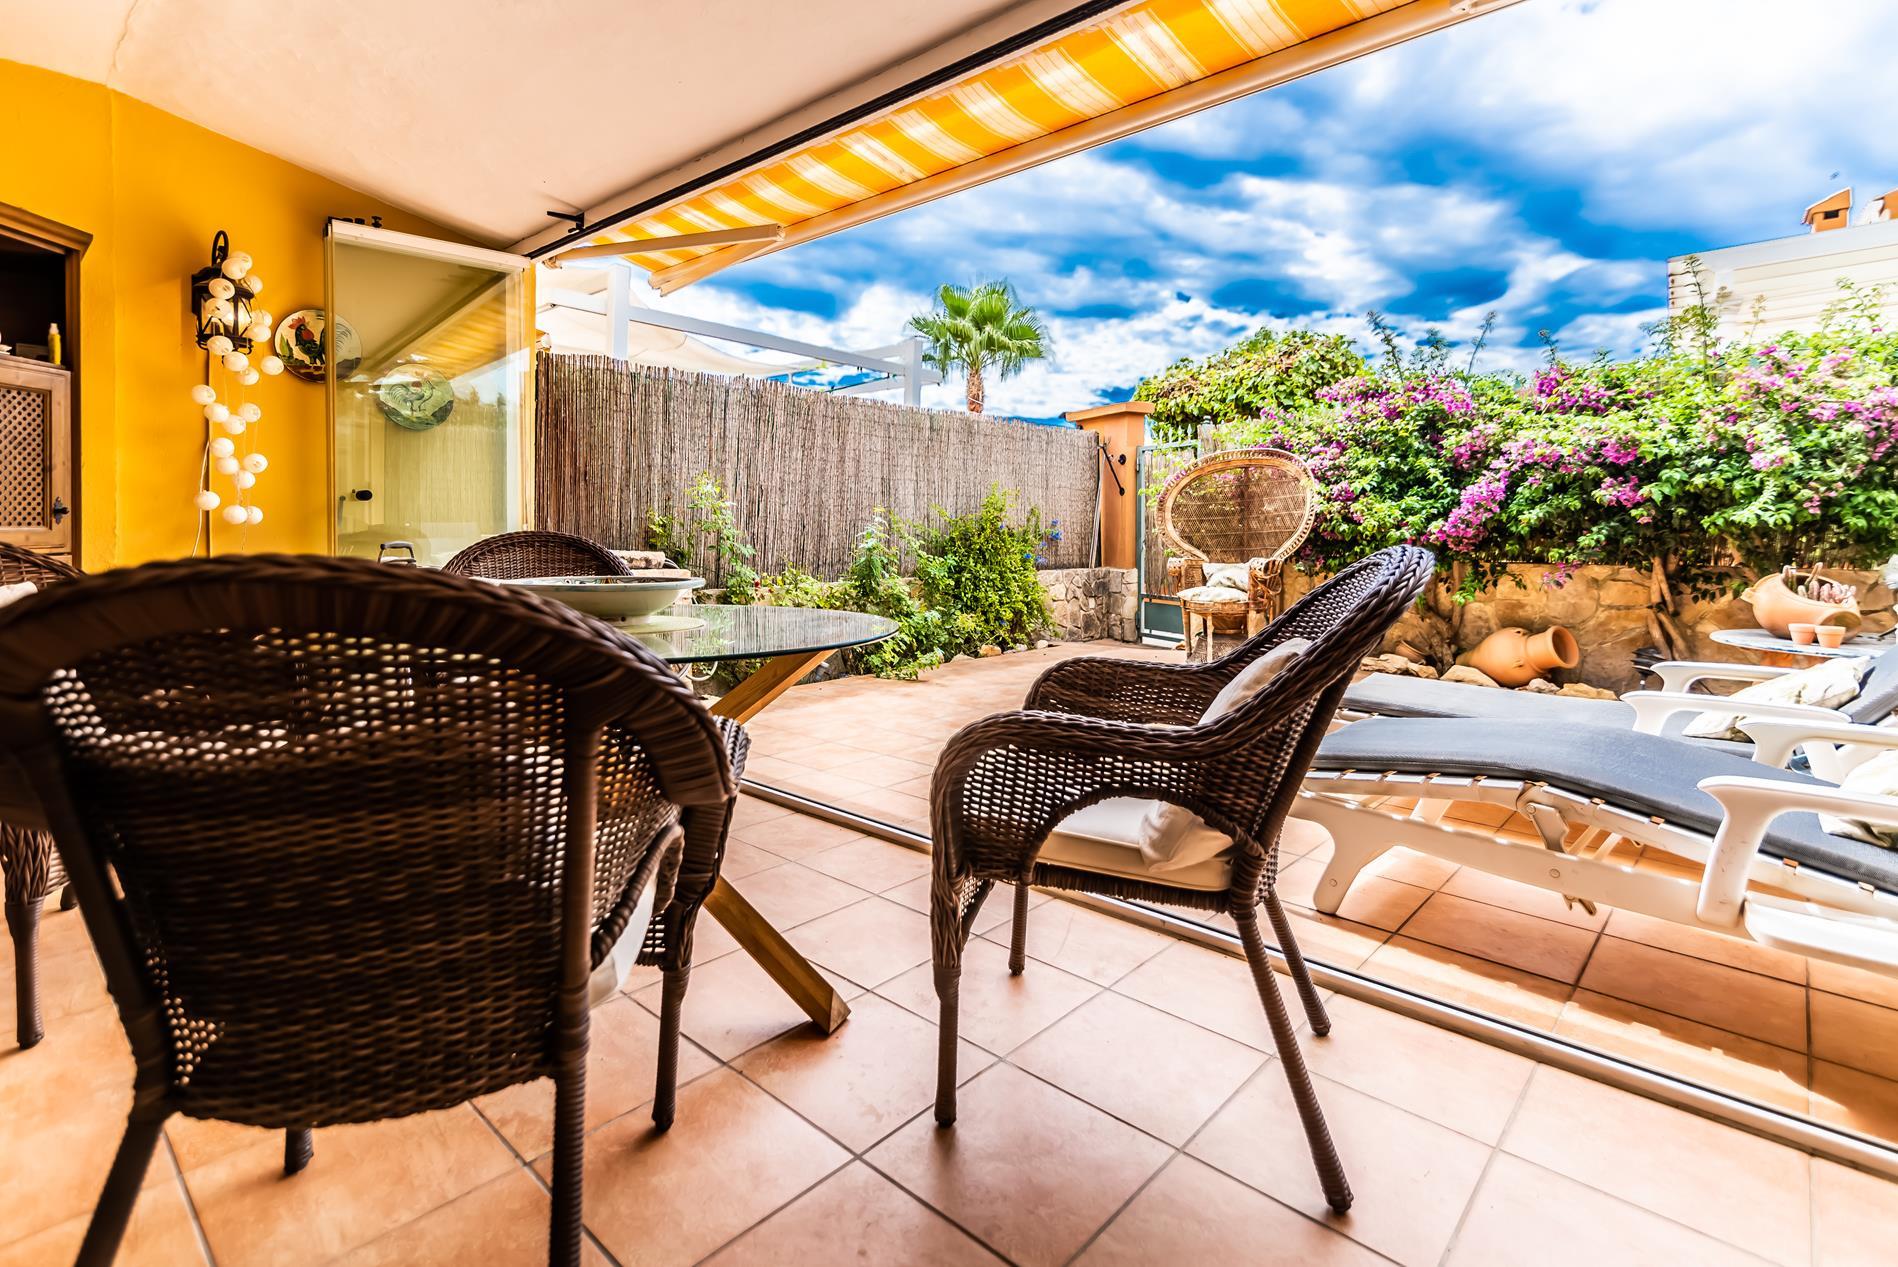 Bungalow en venta en urbanizacion con piscina y jardines comunitarios